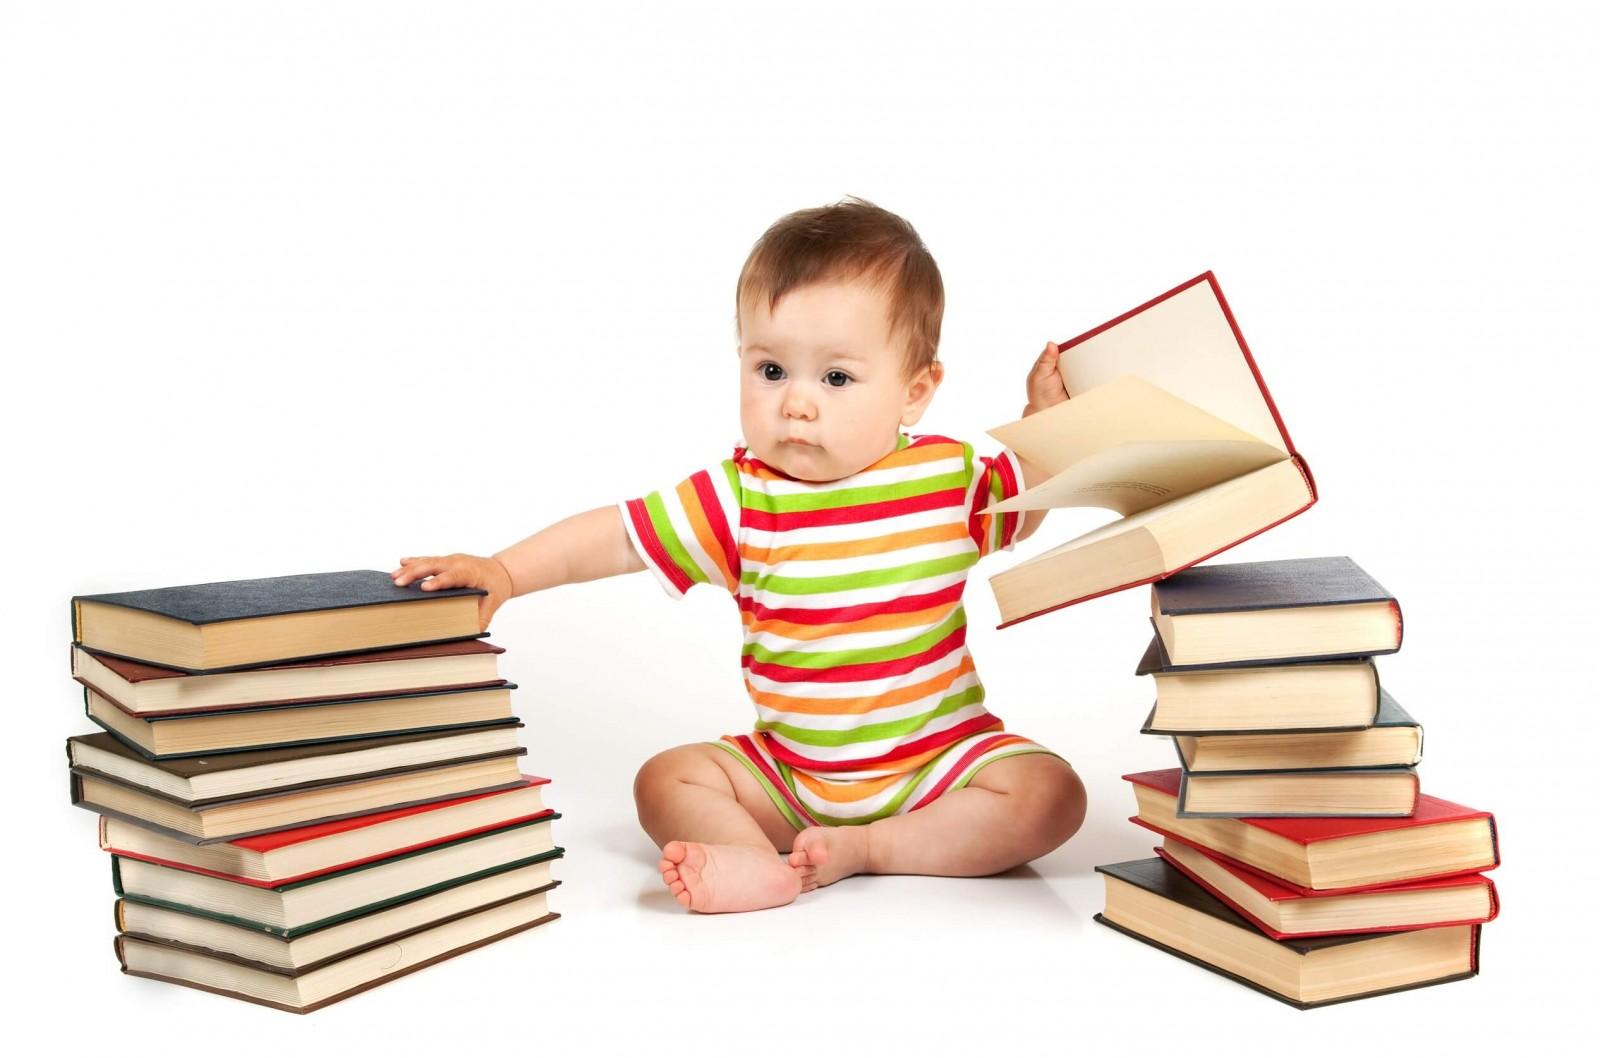 Первые детские книжки: нужны ли, и как их выбрать?